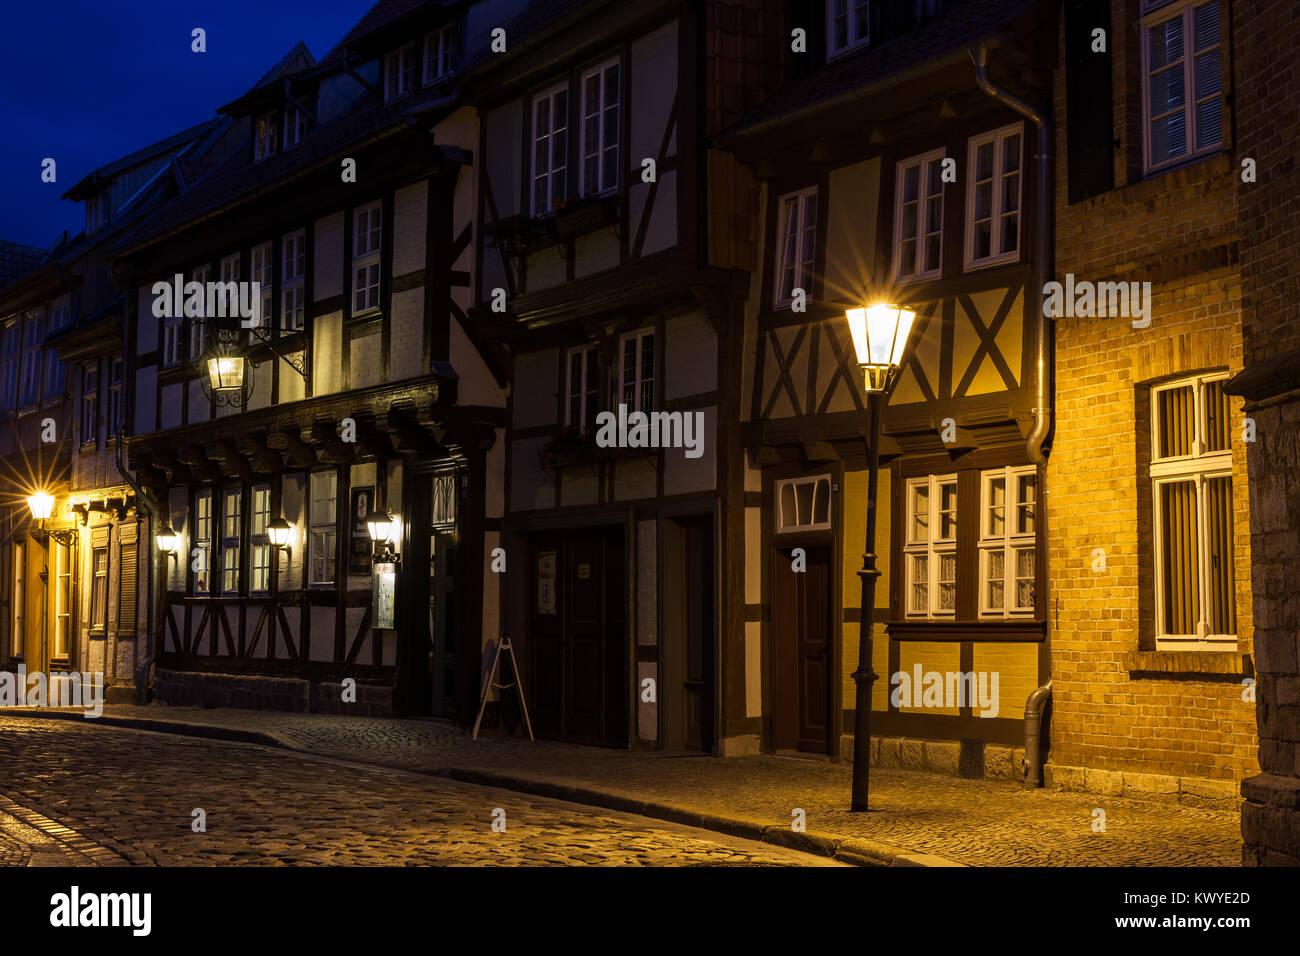 Weltkulturerbestadt Quedlinburg Bilder aus der historischen Stadt im Harz - Stock Image